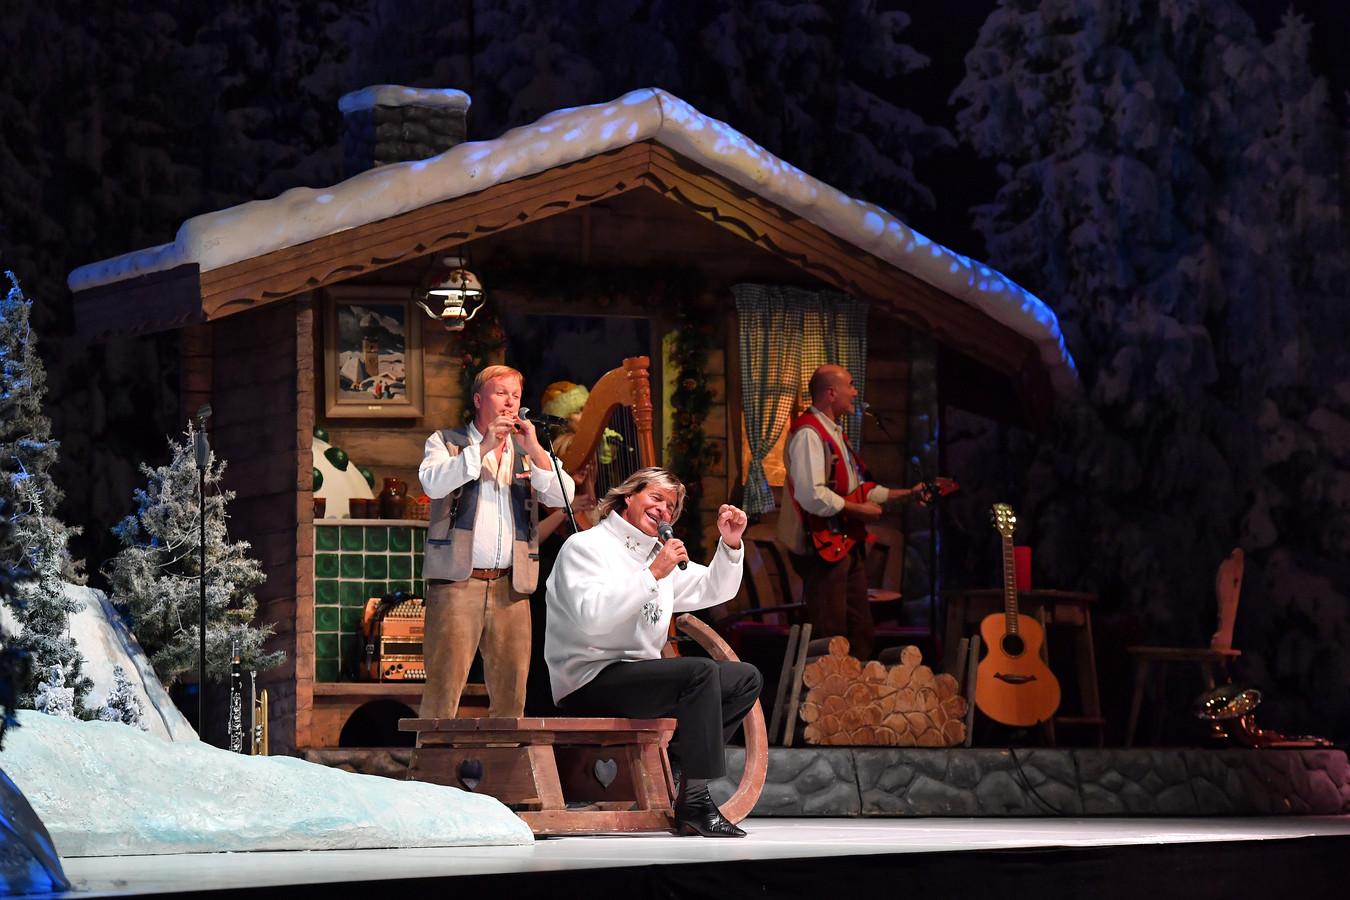 Hansi Hinterseer & Das Tiroler Echo toeren door Europa met hun kersthow. Ze staan ook in de IJsselhallen in Zwolle. De kaarten zijn bijna allemaal uitverkocht, zo populair is de Oostenrijkse schlagerzanger die ooit als professioneel ski-er prijzen pakte.